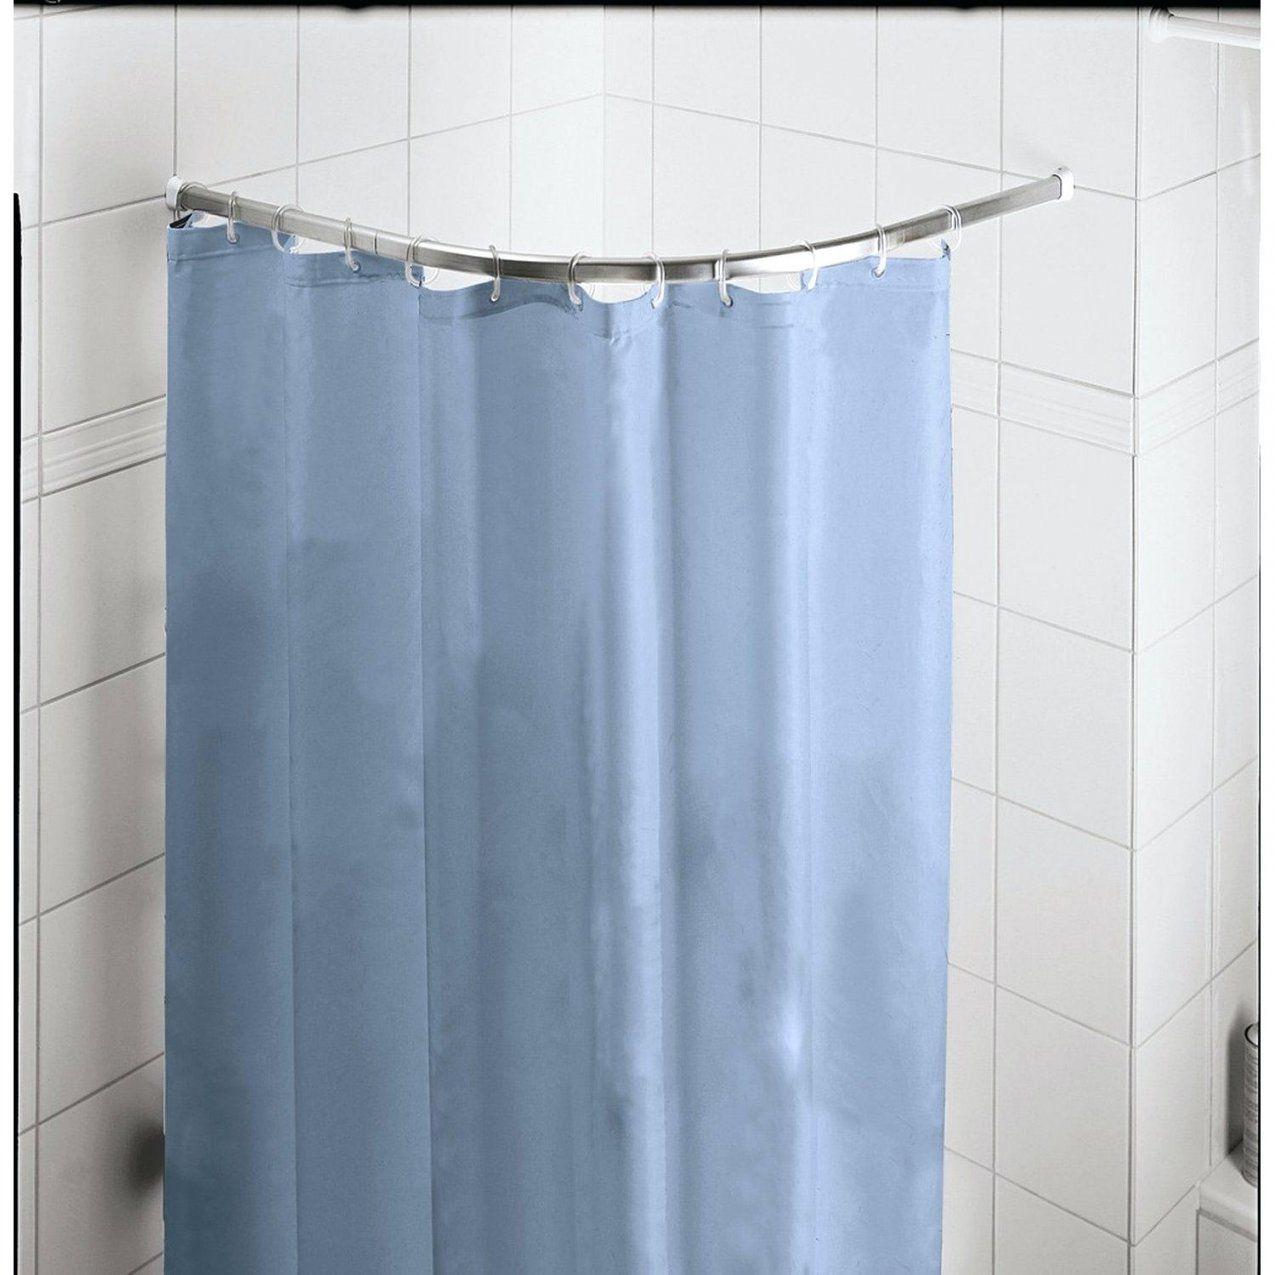 Duschvorhang Stange Bad Und Baden Badewanne L Form von Duschvorhang Mit Stange Für Badewanne Photo